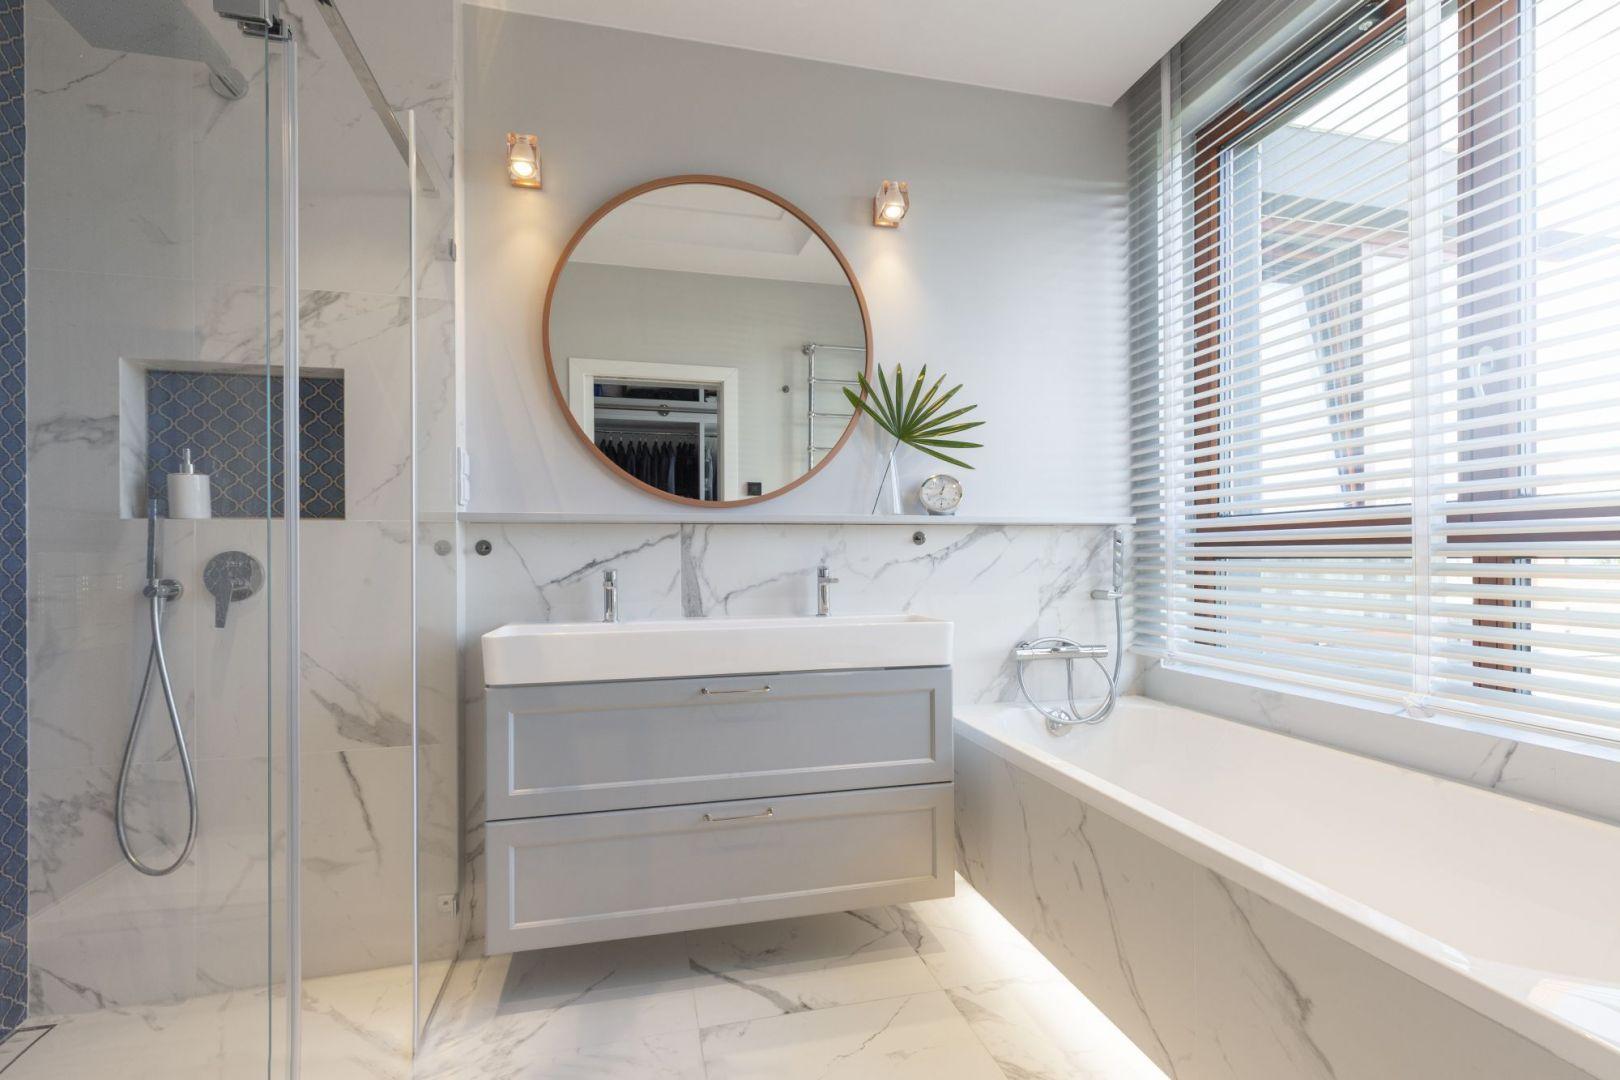 W jasnej łazience głównym motywem aranżacyjnym są płytki imitujące marmur. Ciemniejszą kolorystykę zastosowano w strefie prysznica. Projekt: Decoroom. Fot. Pion Poziom